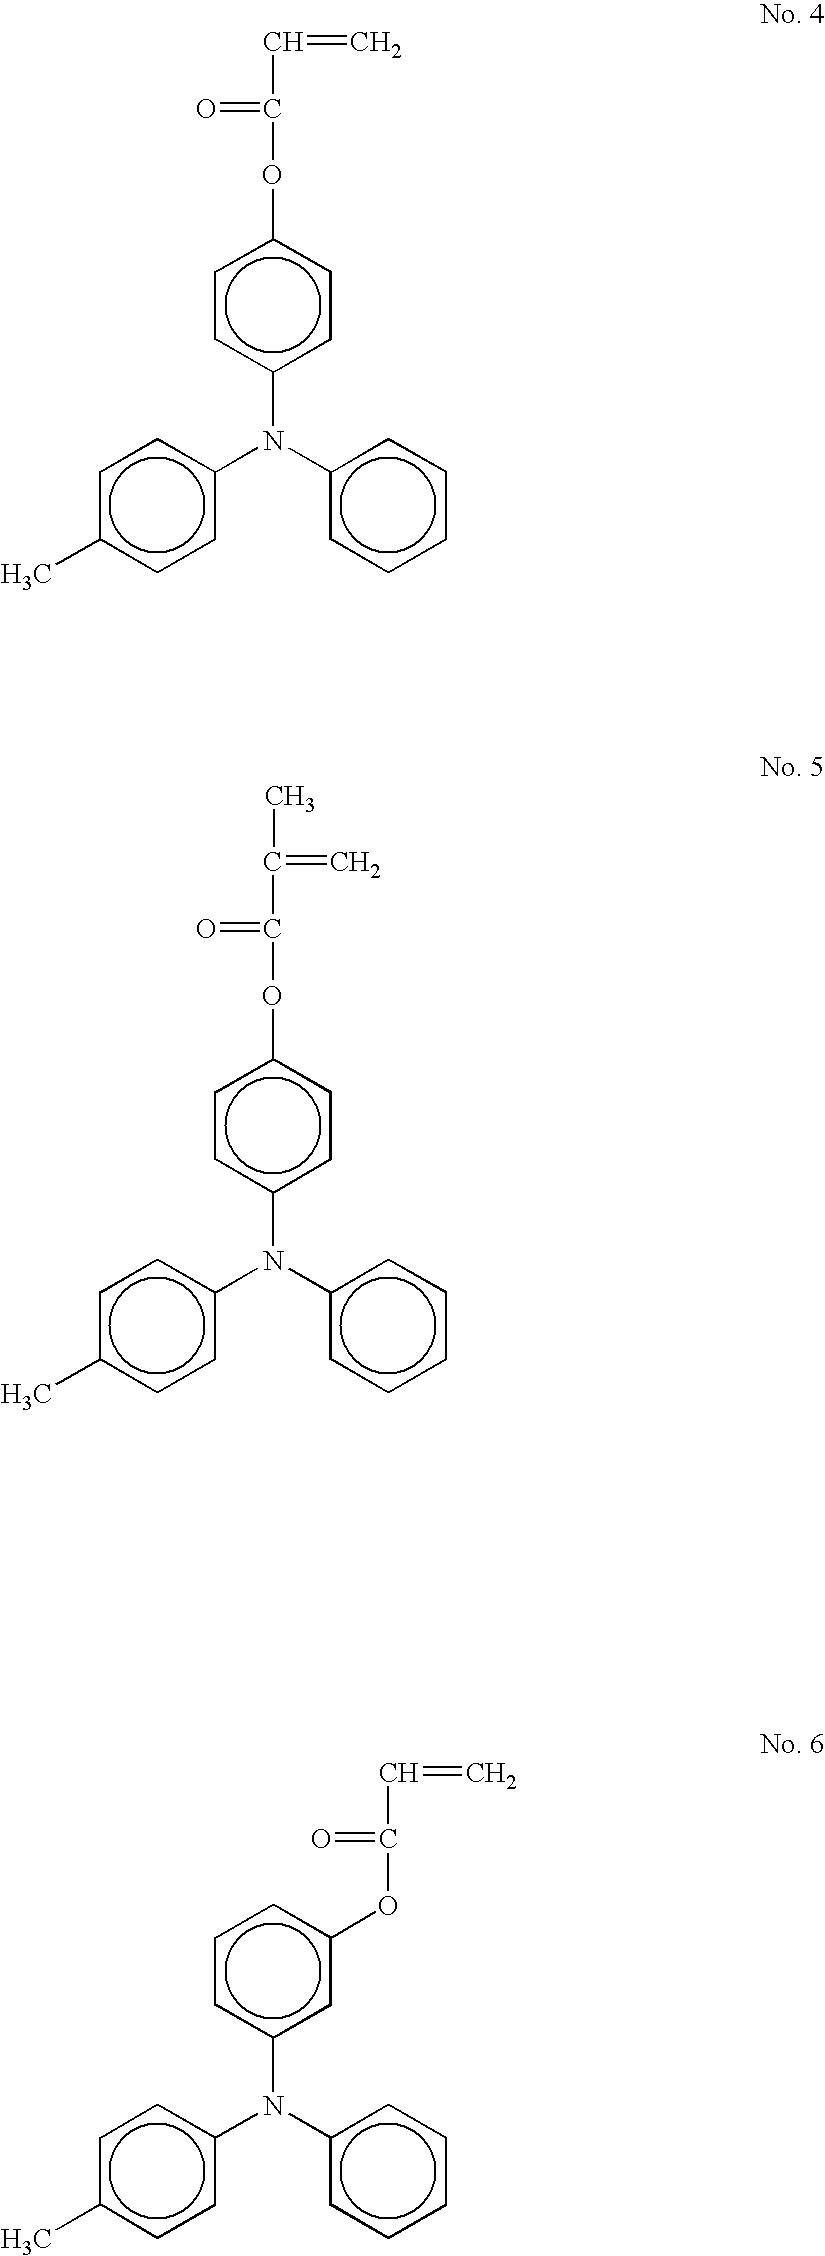 Figure US20040253527A1-20041216-C00013